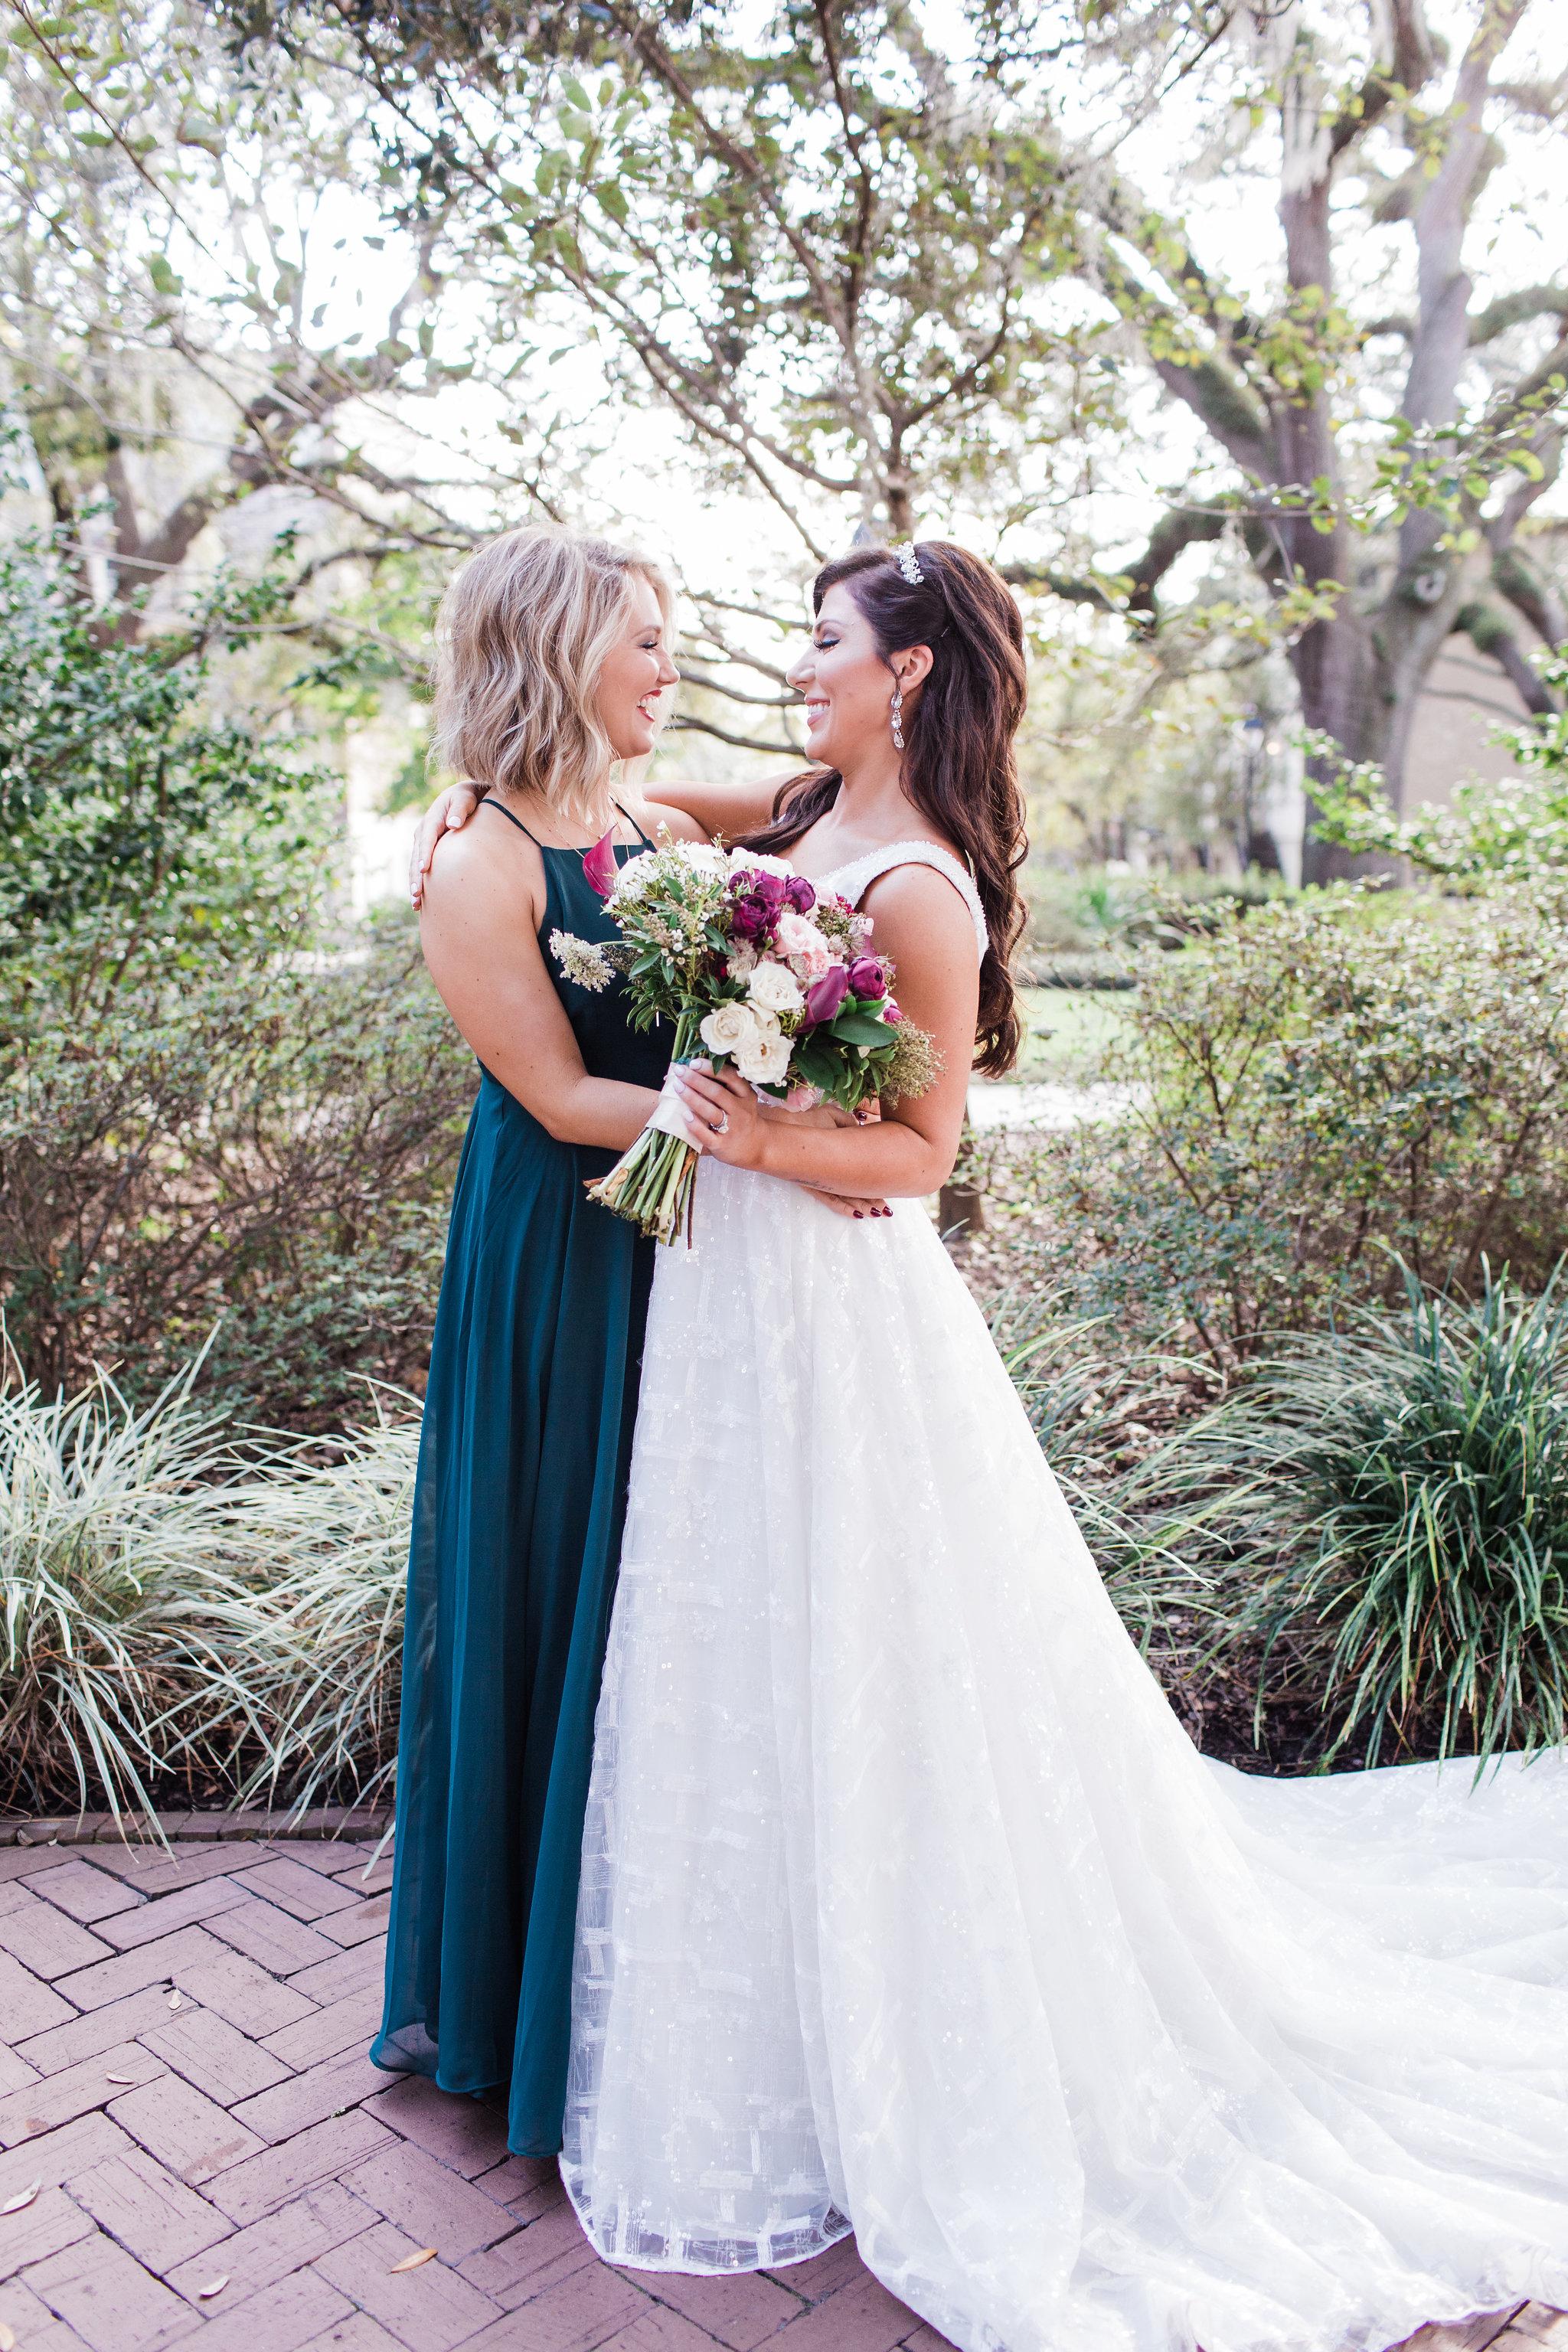 apt-b-photography-lindsey-shawn-Savannah-wedding-photographer-savannah-elopement-photographer-historic-savannah-elopement-savannah-weddings-hilton-head-wedding-photographer-jekyll-island-wedding-photographer-11.jpg